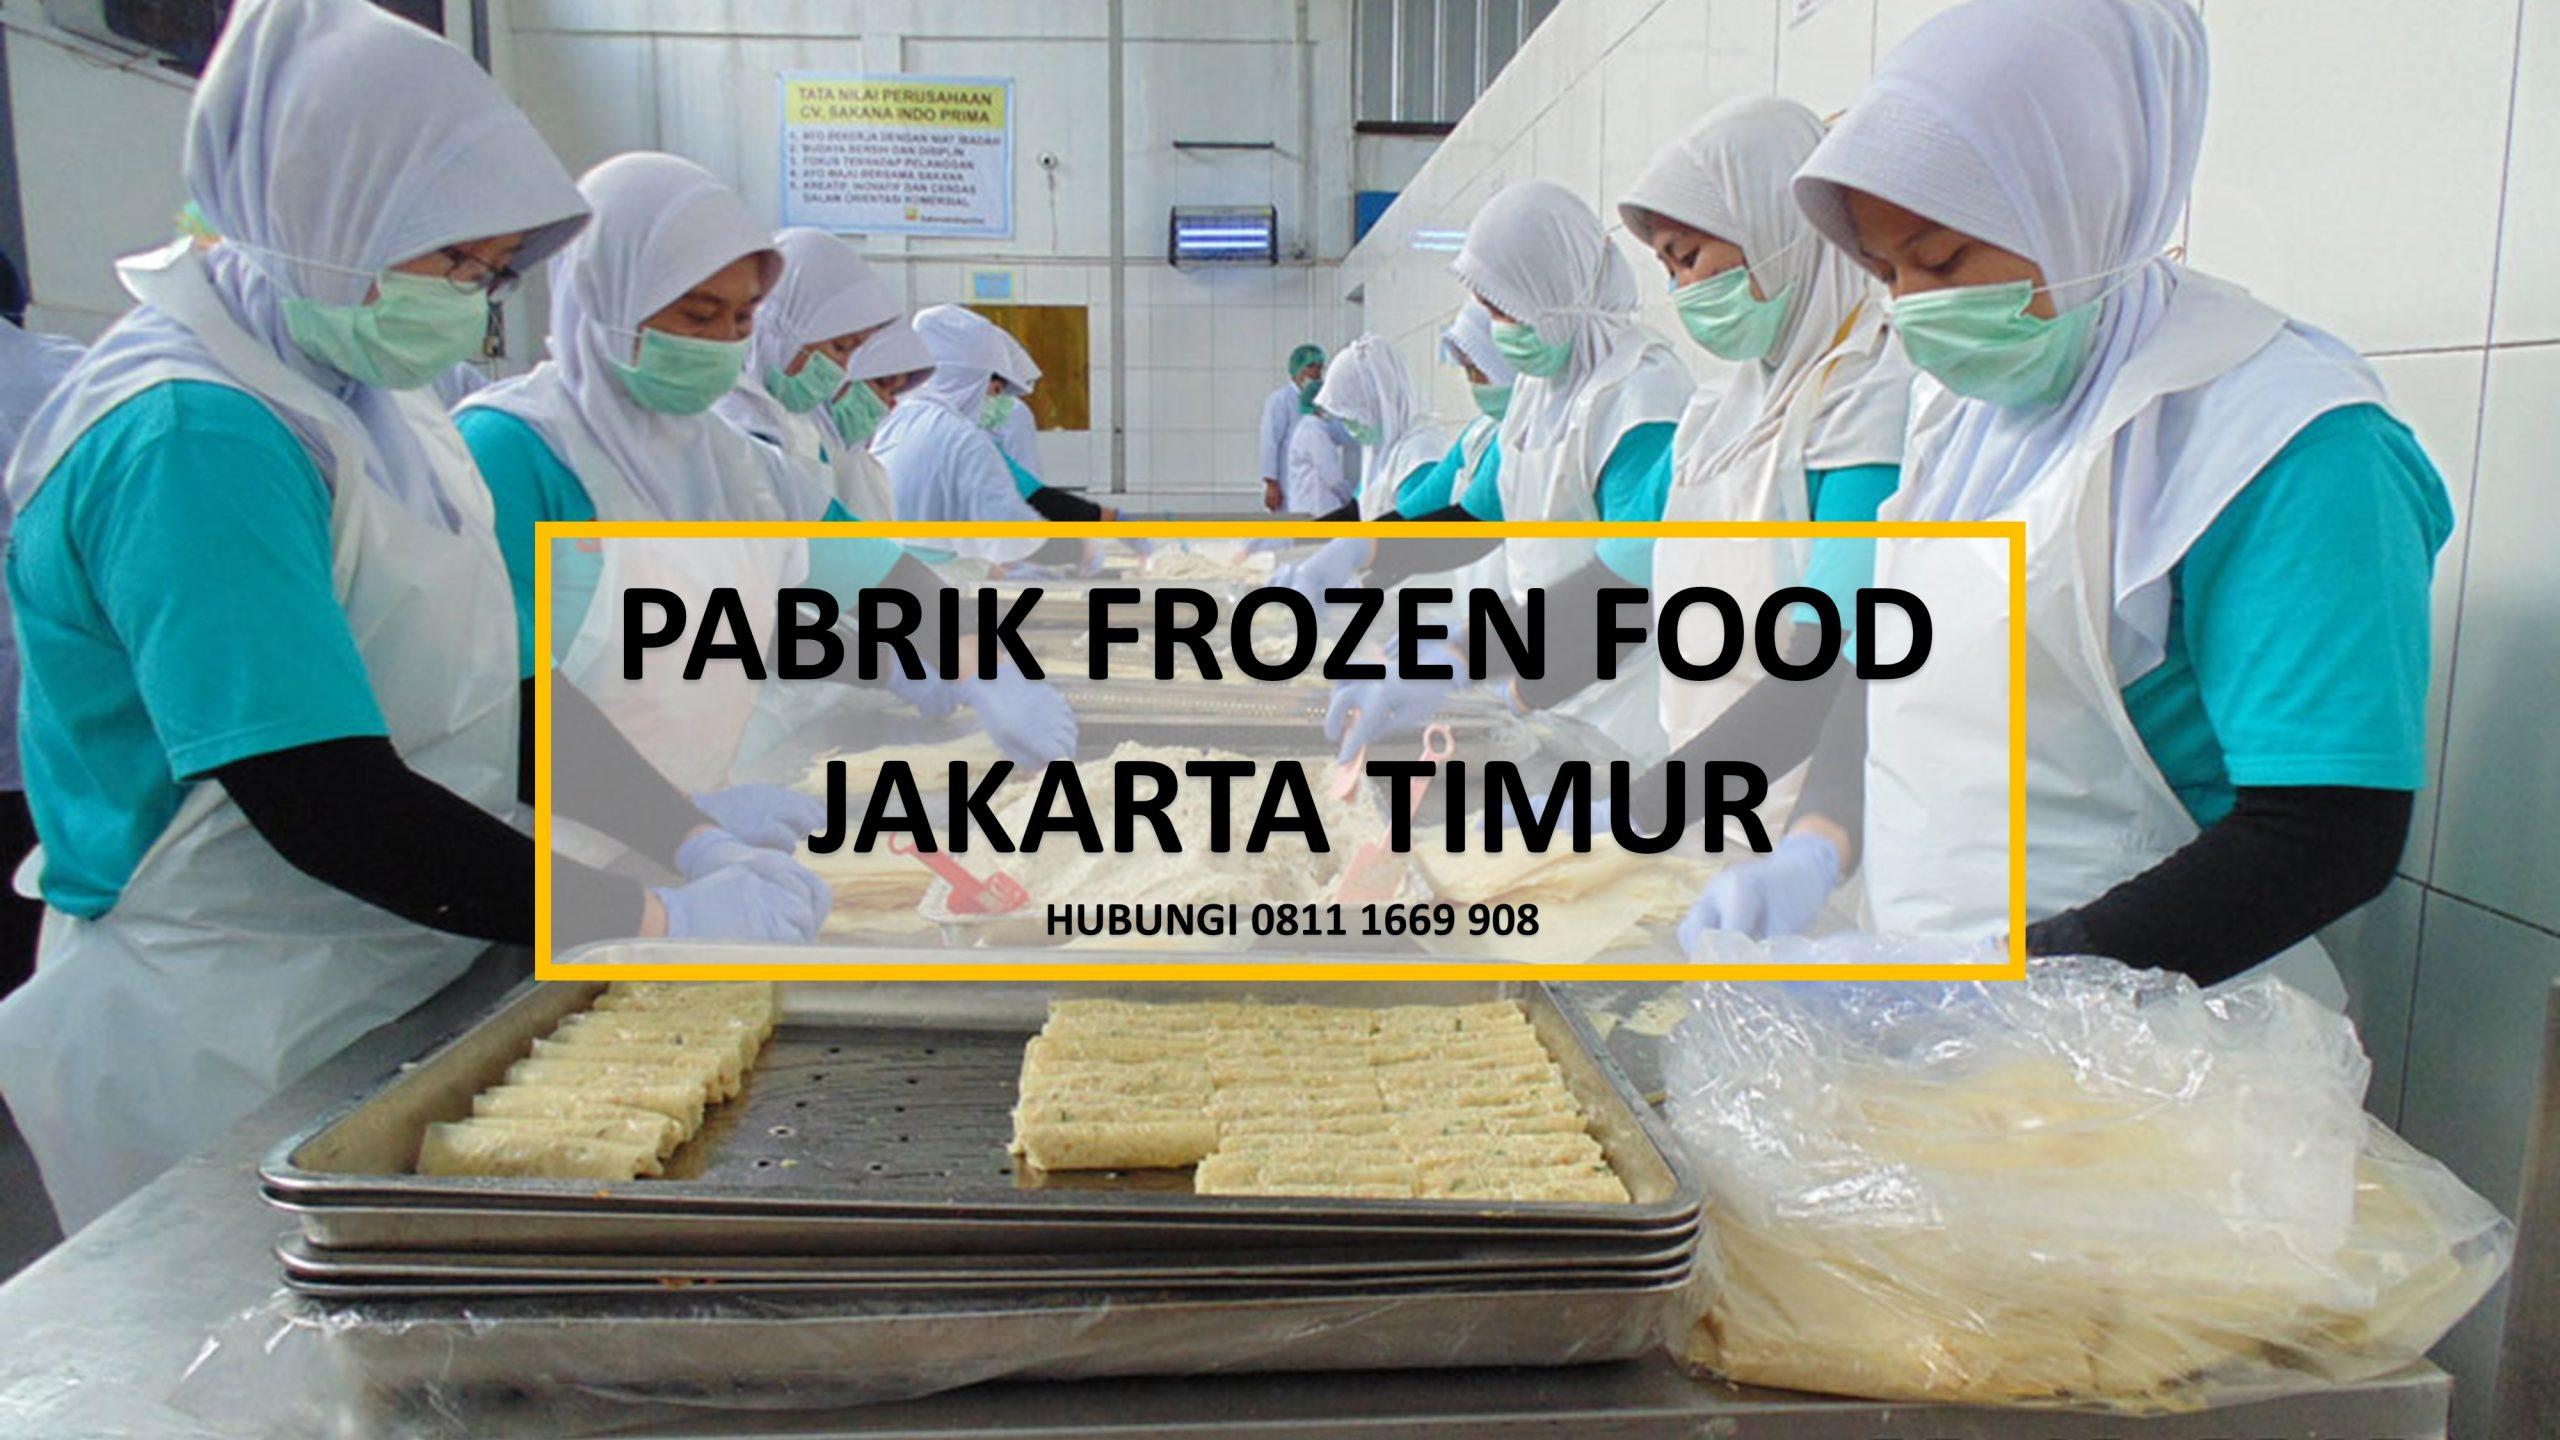 Pabrik Frozen Food Jakarta Timur Hub 0811 1669 908